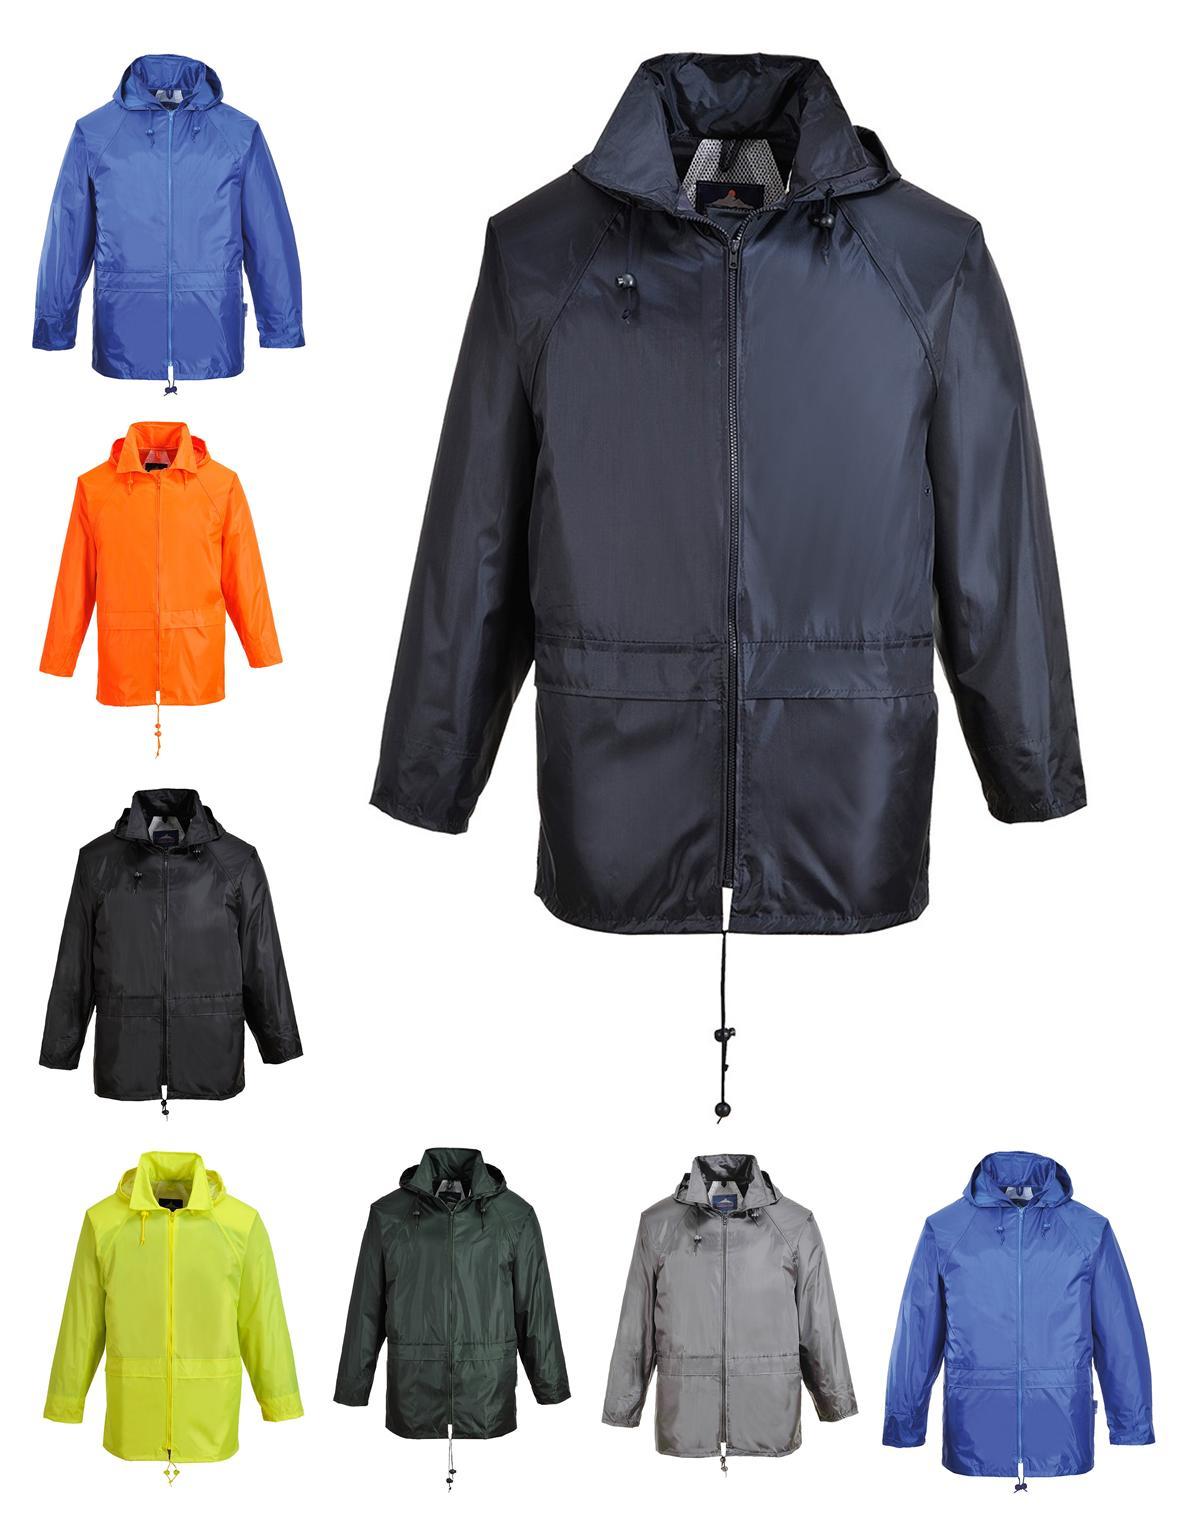 Portwest Classic Rain Jacket Waterproof Hooded Zipped Winter